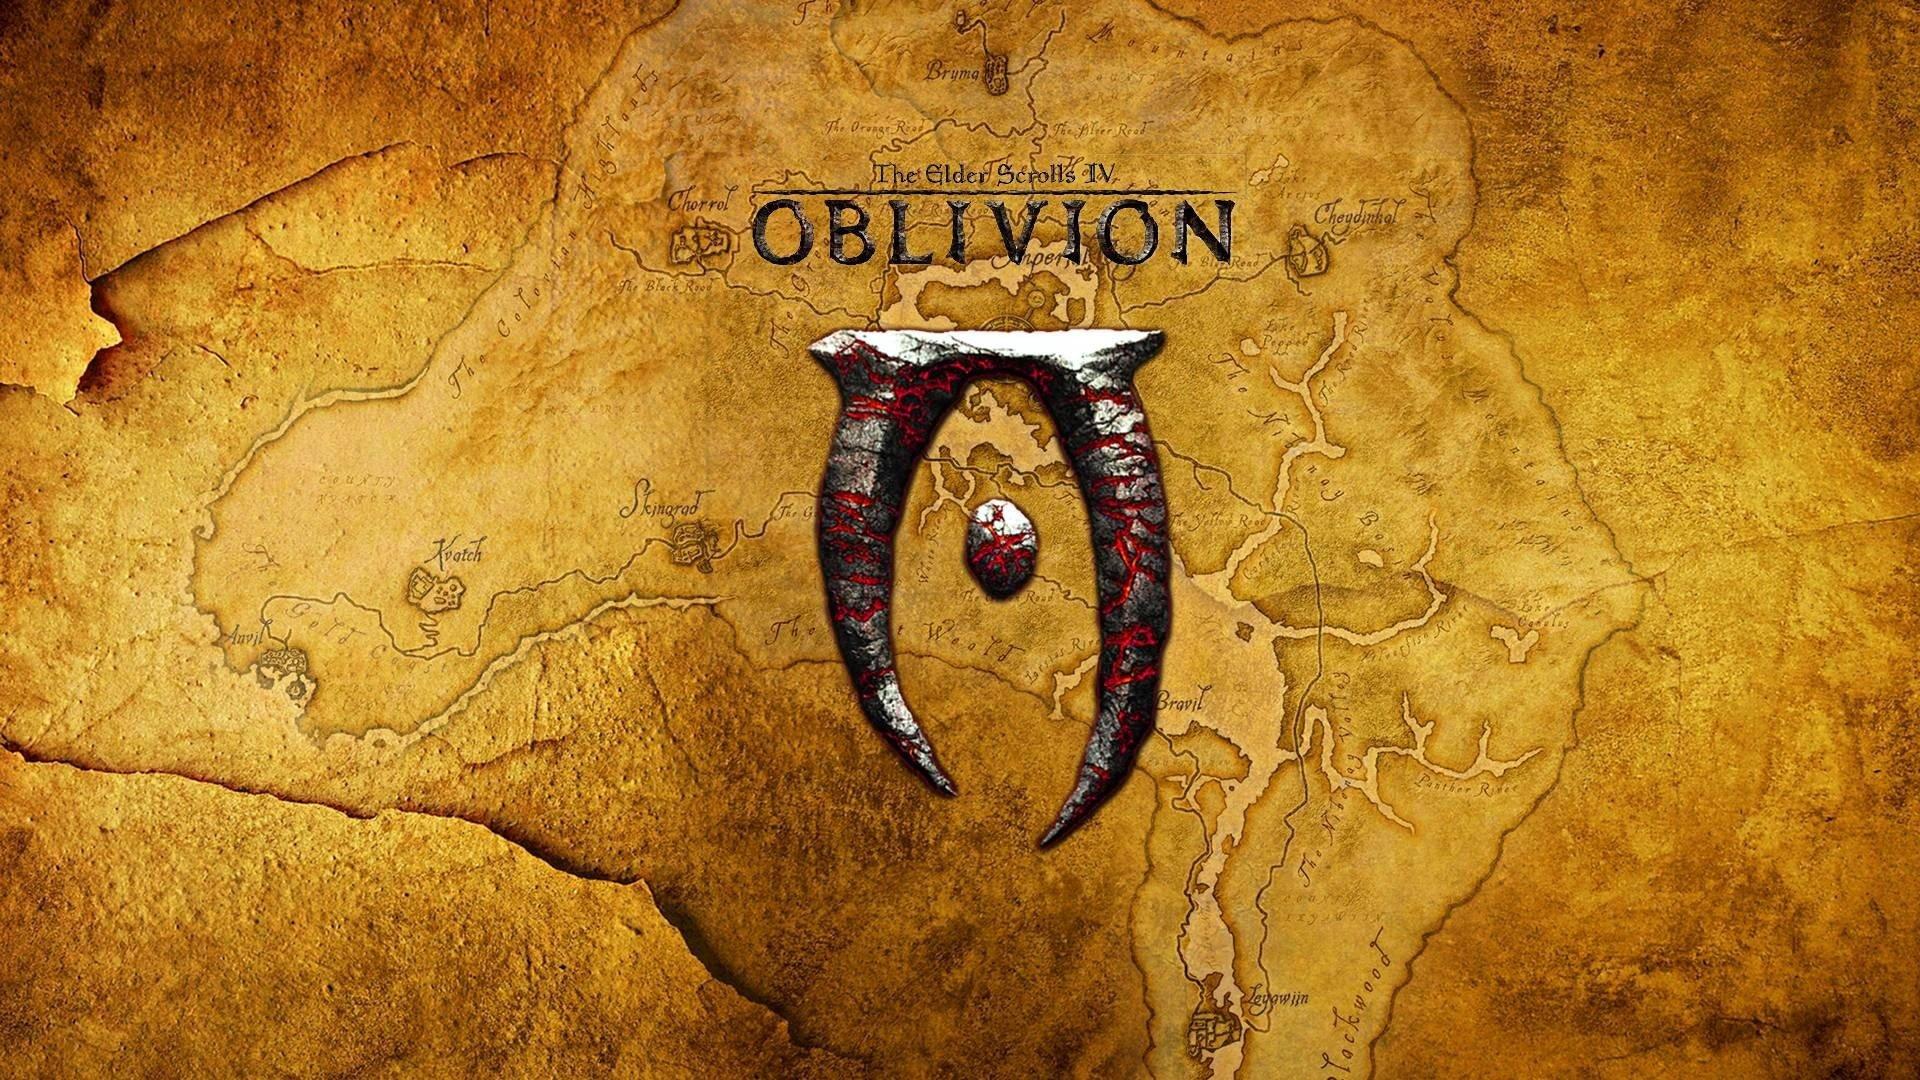 Сегодня исполнилось 9 лет с момента выхода The Elder Scrolls IV: Oblivion! - Изображение 1